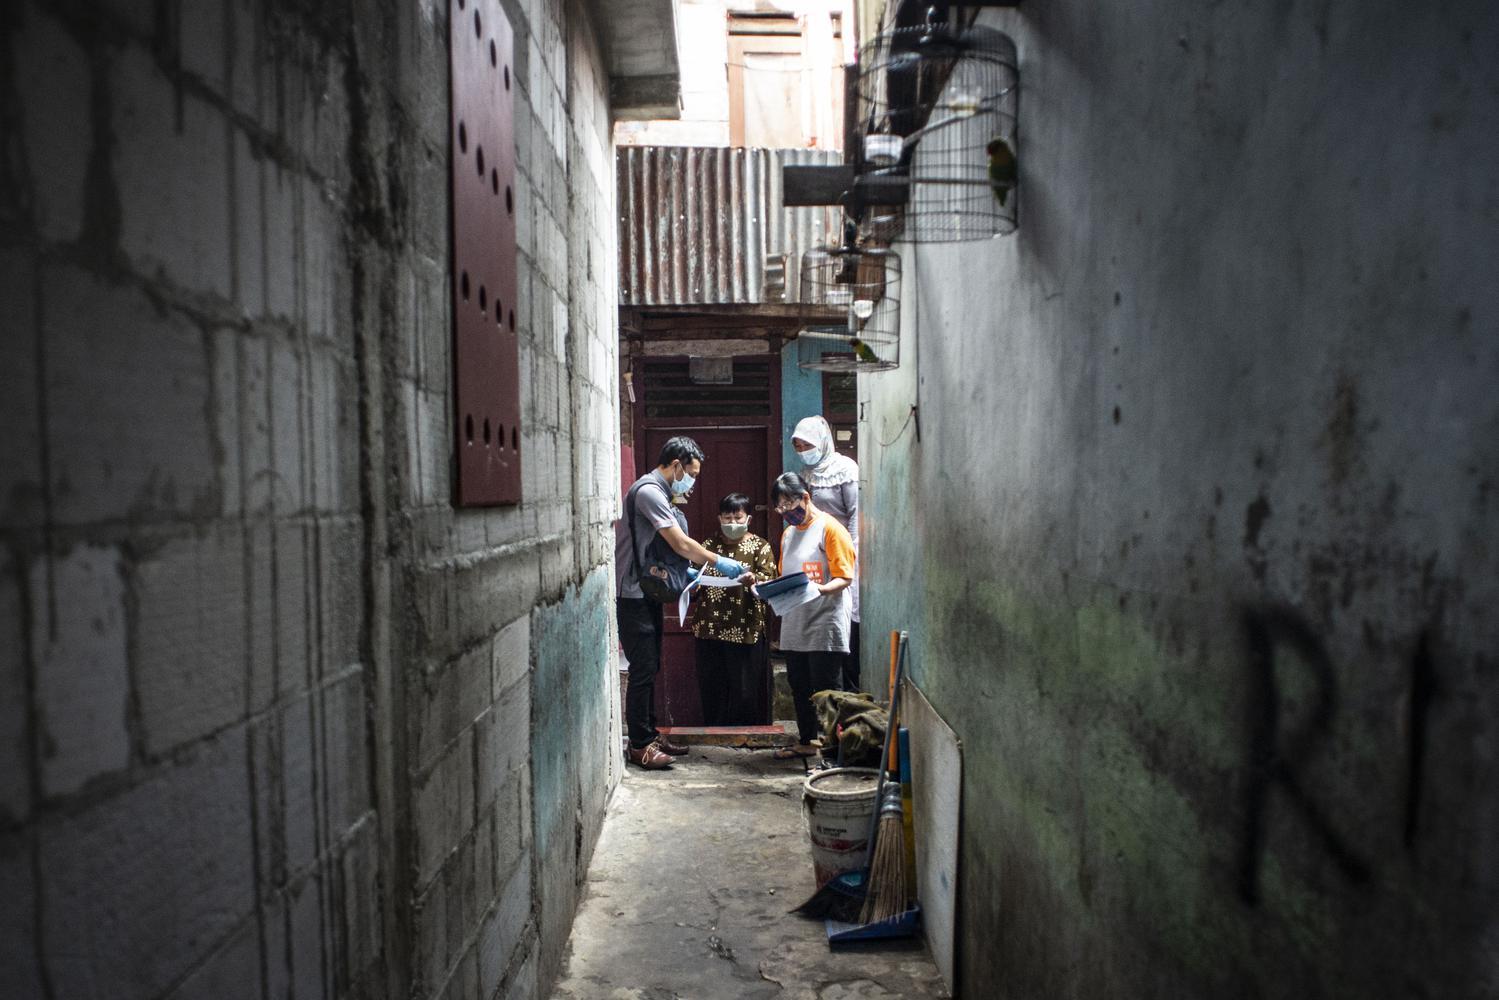 Petugas PT Pos Indonesia (kiri) menyalurkan Bantuan Sosial Tunai (BST) kepada warga RW 05 di Senen, Jakarta, Rabu (6/1/2021). Pemerintah mulai menyalurkan Bantuan Sosial Tunai (BST) tahun 2021 untuk empat bulan kedepan senilai Rp300 ribu per Keluarga Penerima Manfaat (KPM) yang diberikan secara langsung kepada warga melalui petugas PT Pos Indonesia dan bank-bank milik negara.